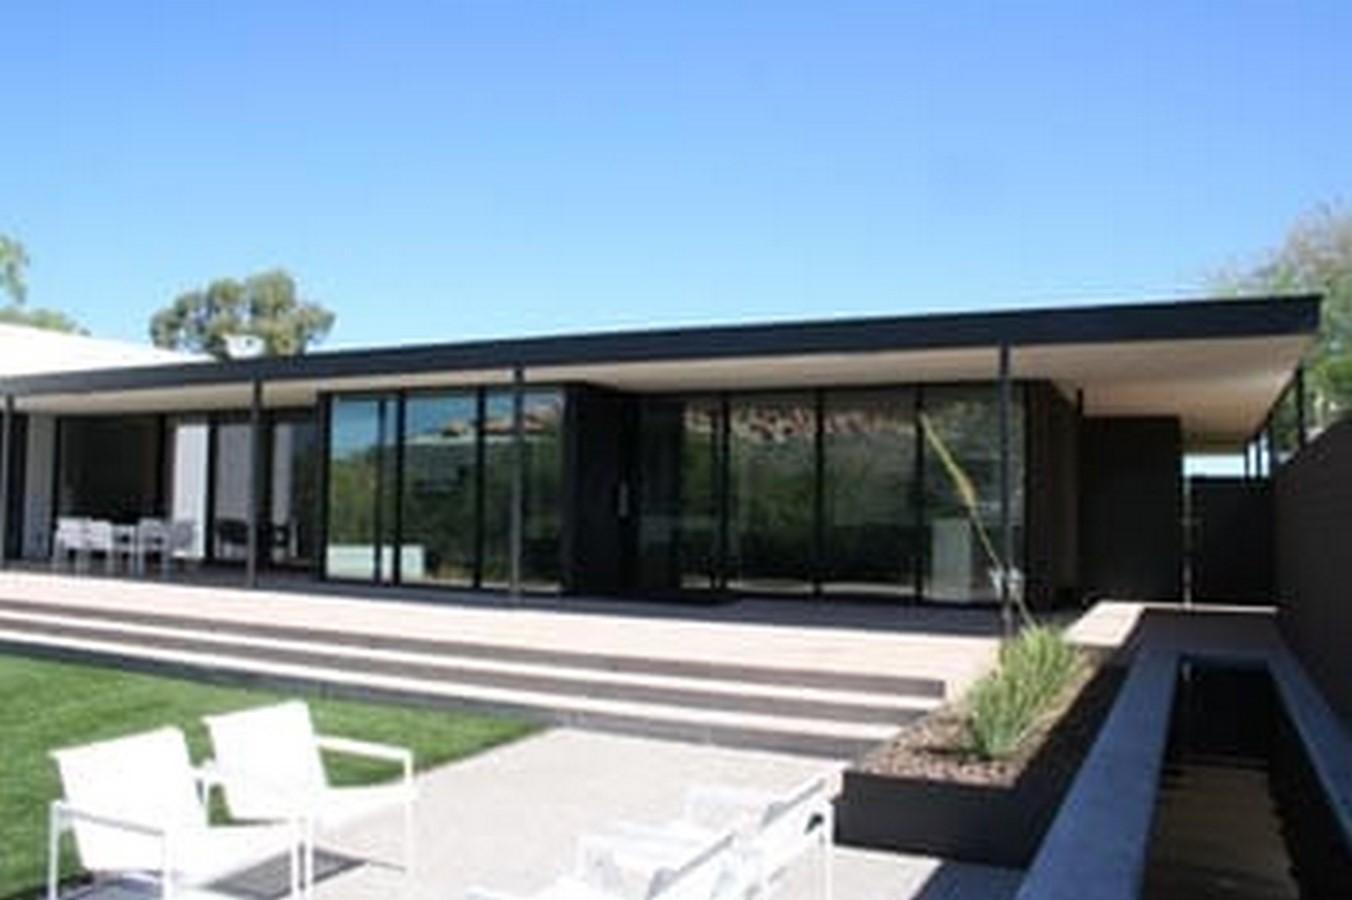 Architects in Phoenix - Top 75 Architects in Phoenix - Sheet62